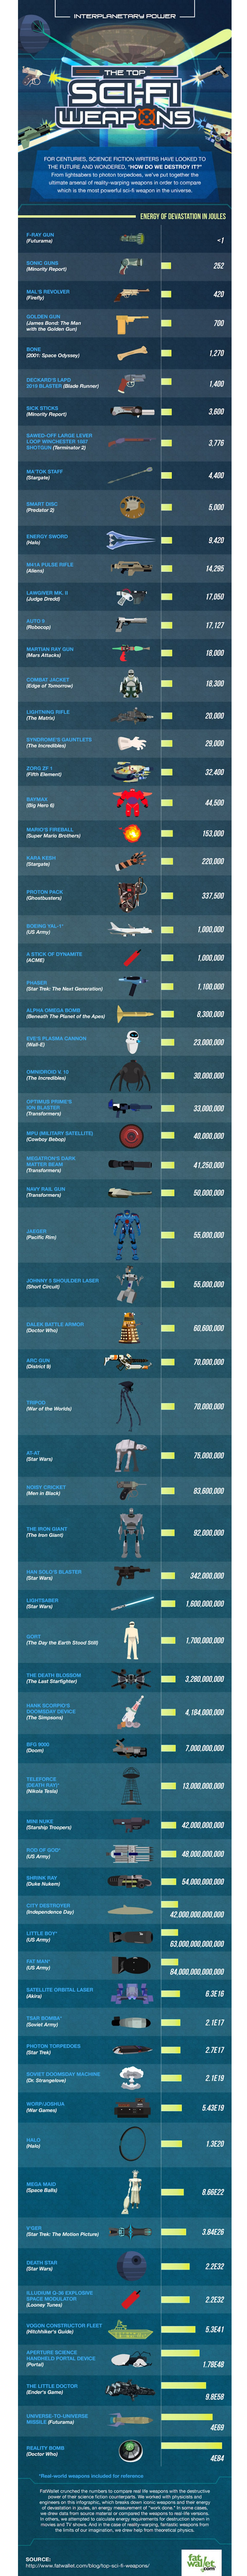 Quais são as armas mais poderosas da ficção científica? [infográfico]